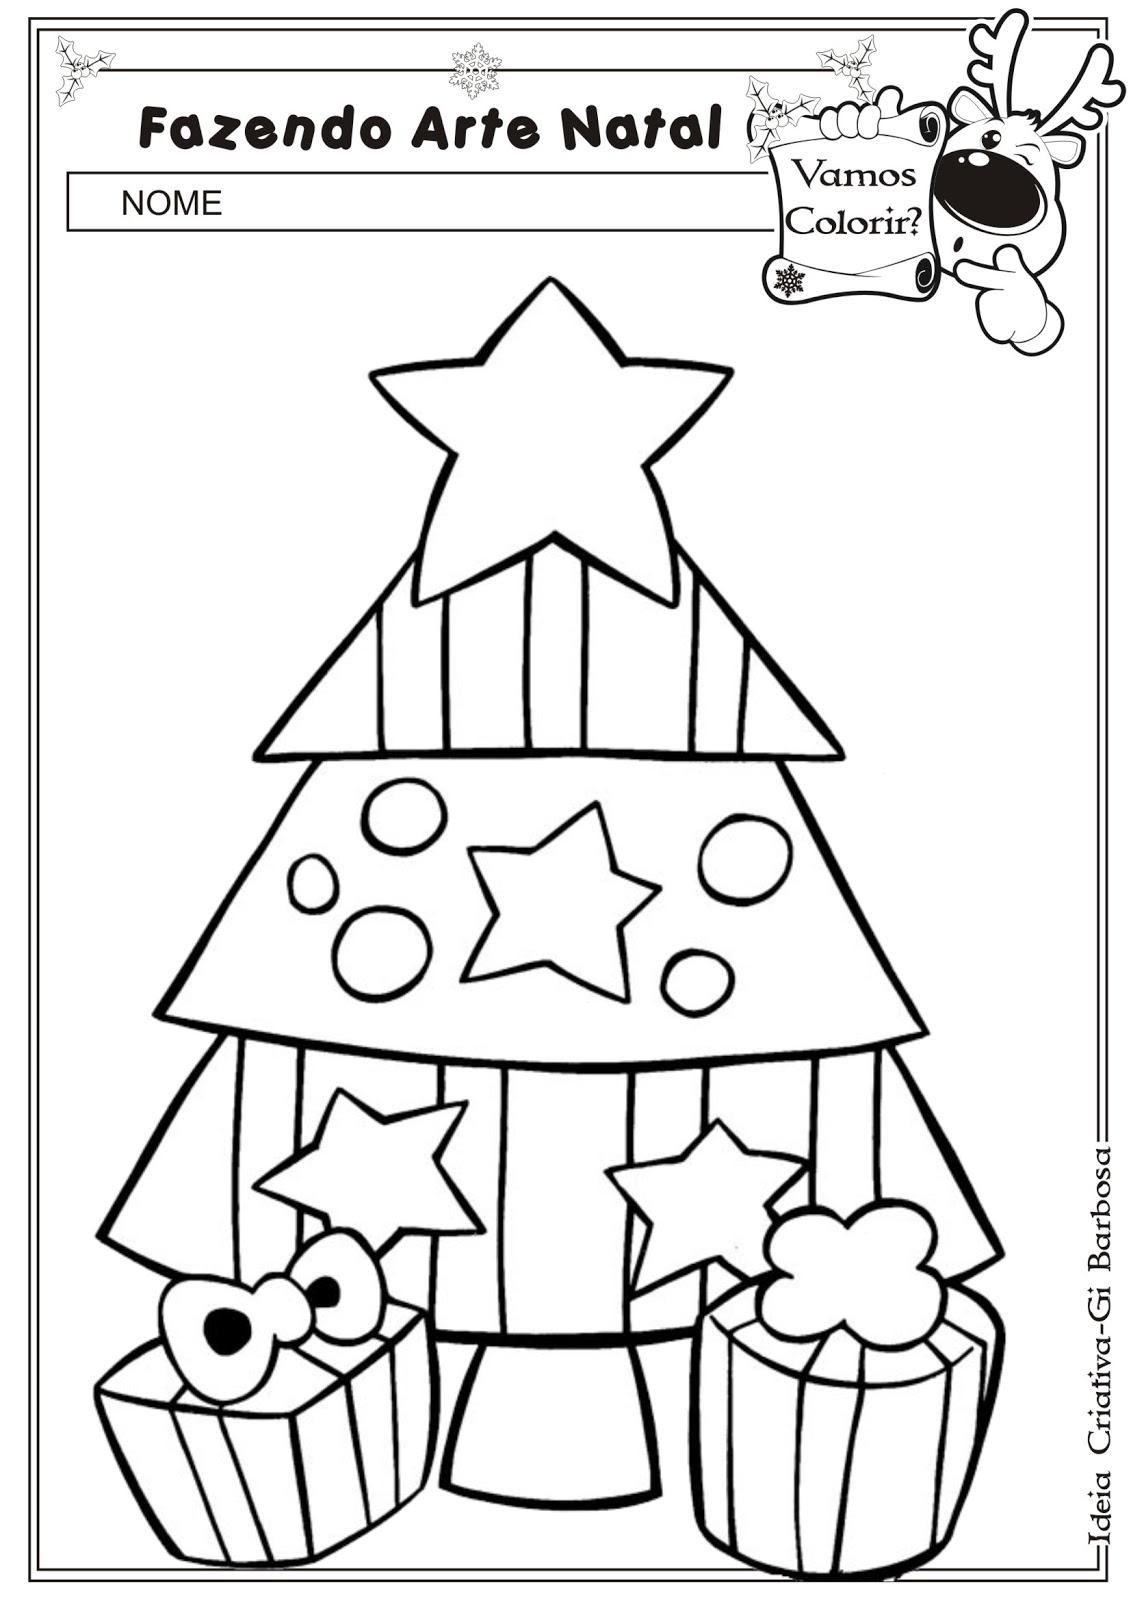 imagens do pinheirinho do natal para colorir